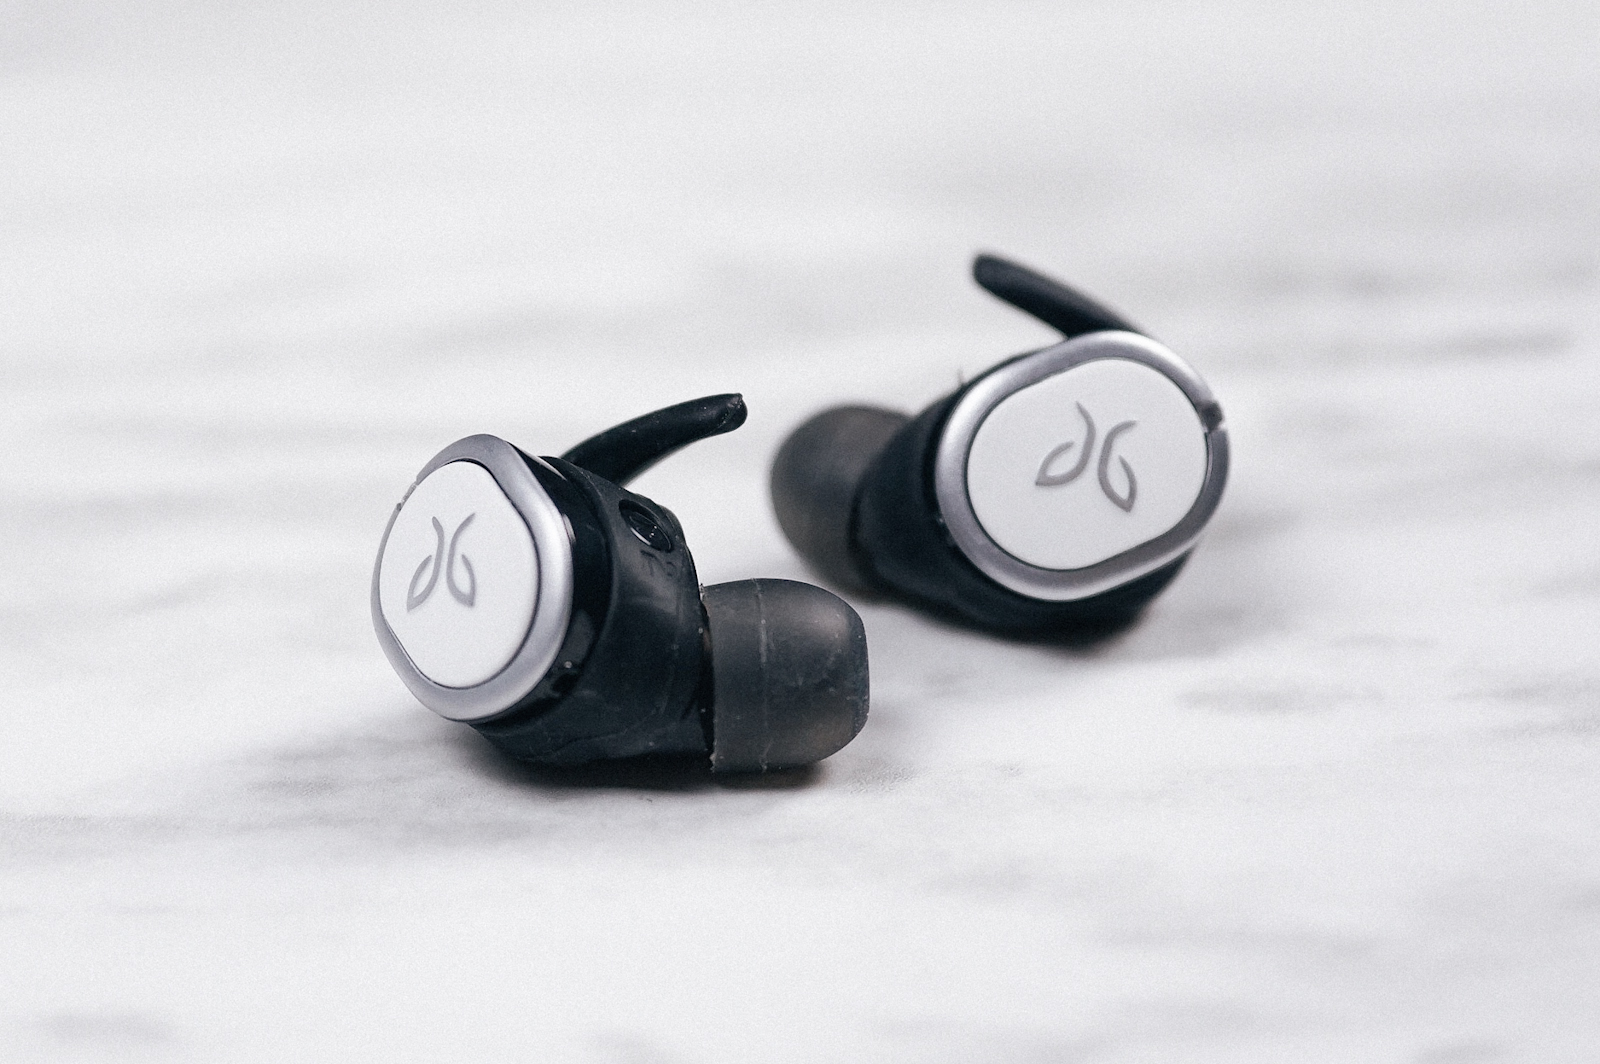 True wireless earbuds for android - true wireless in ear earbuds